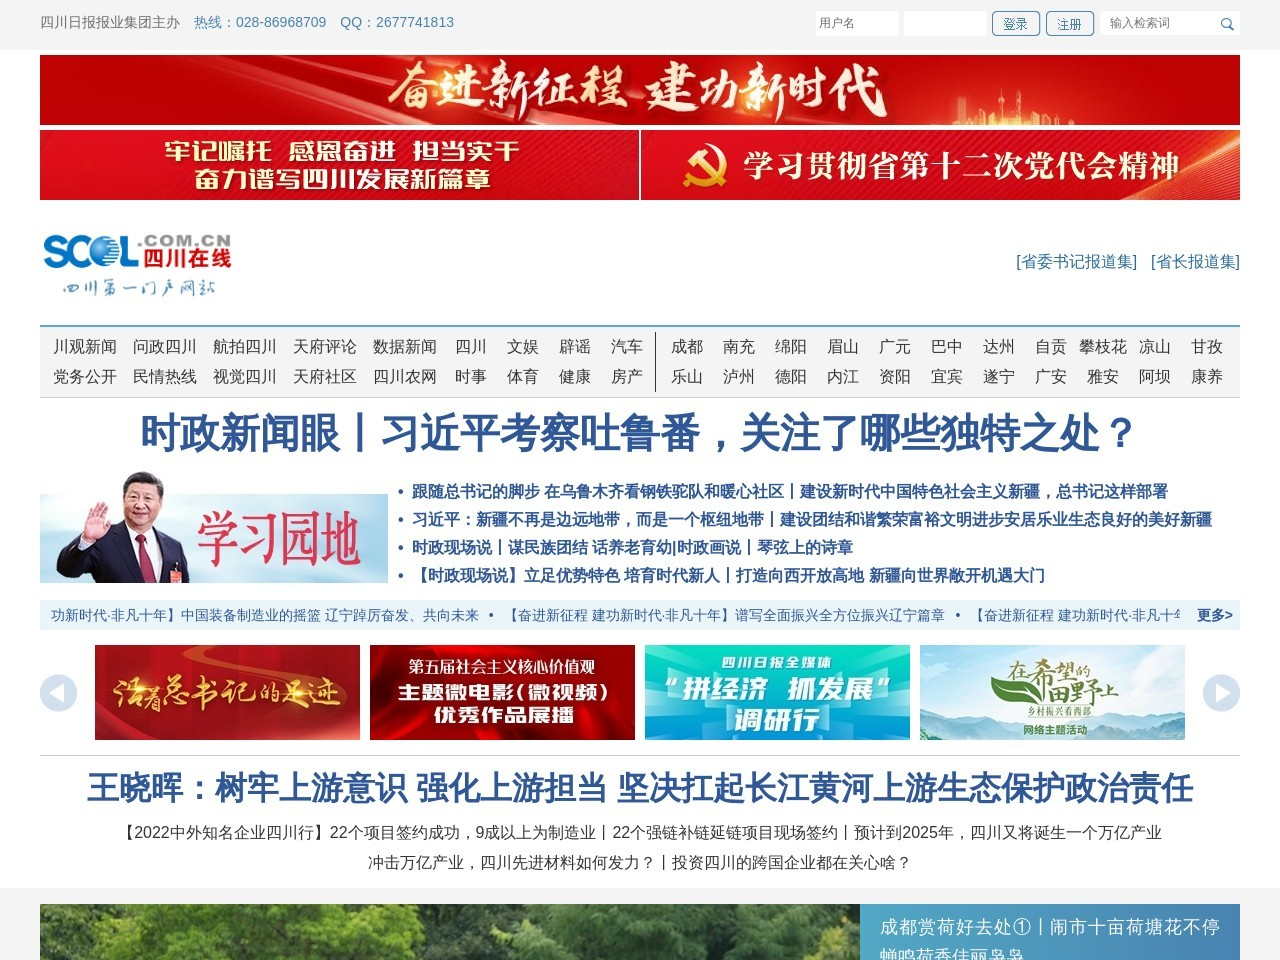 四川在线的网站截图